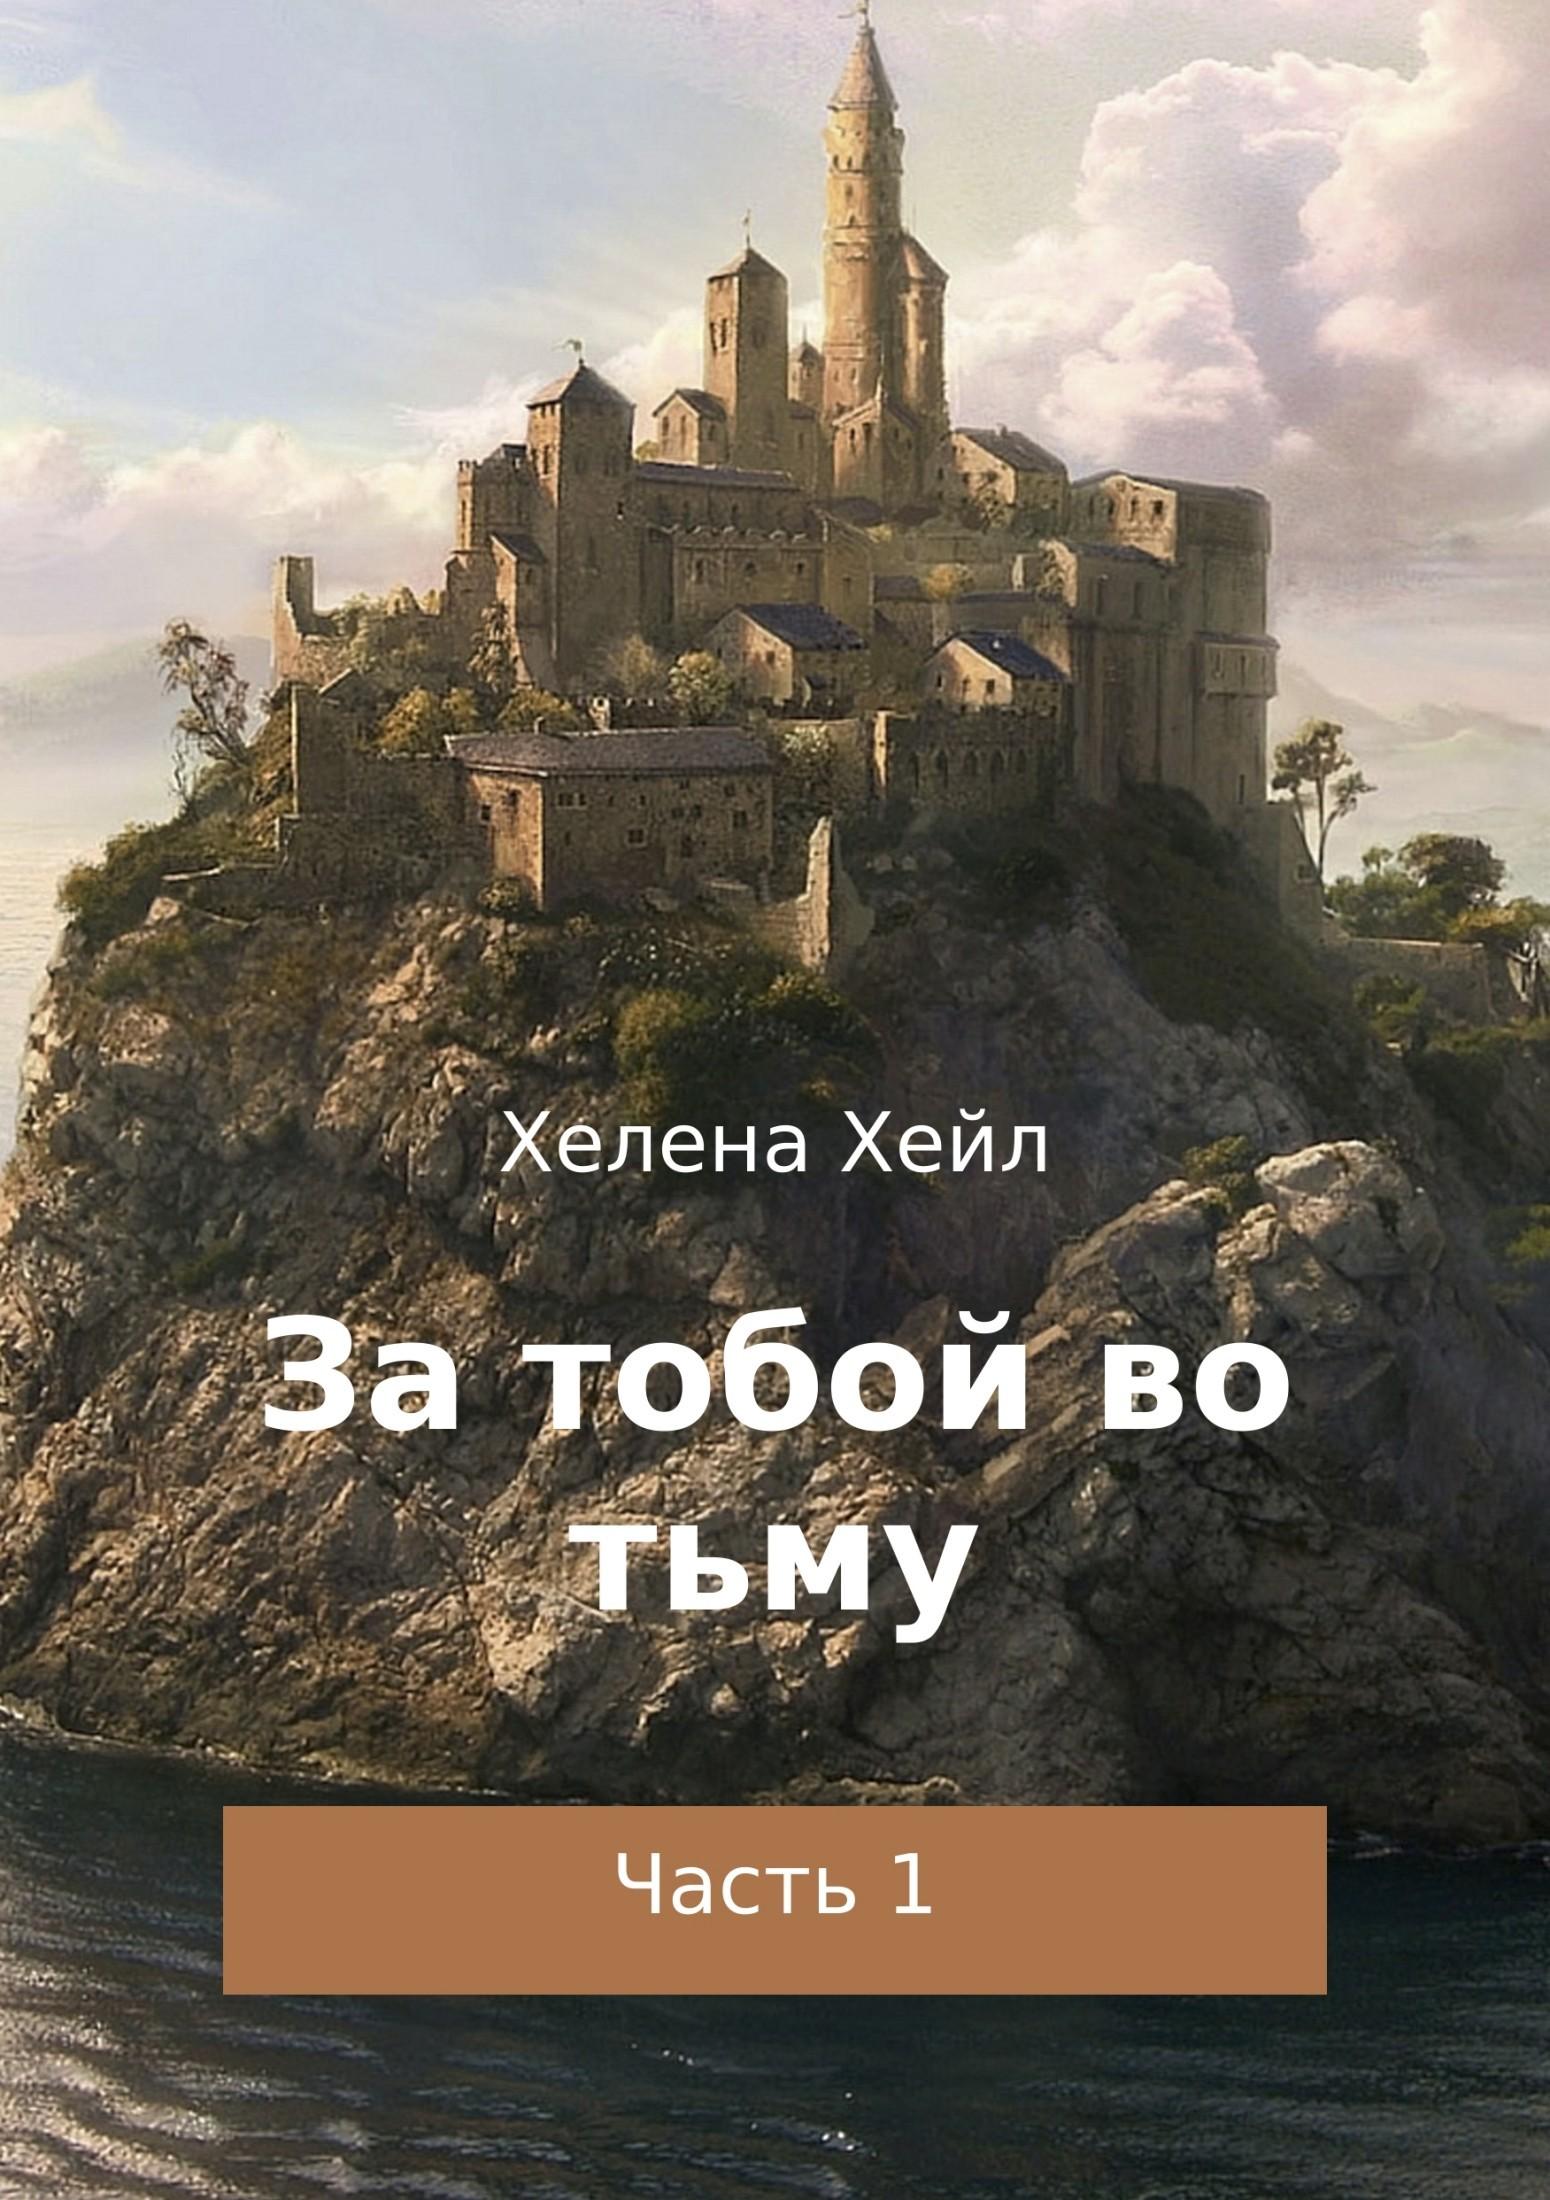 Хелена Алексеевна Хейл бесплатно